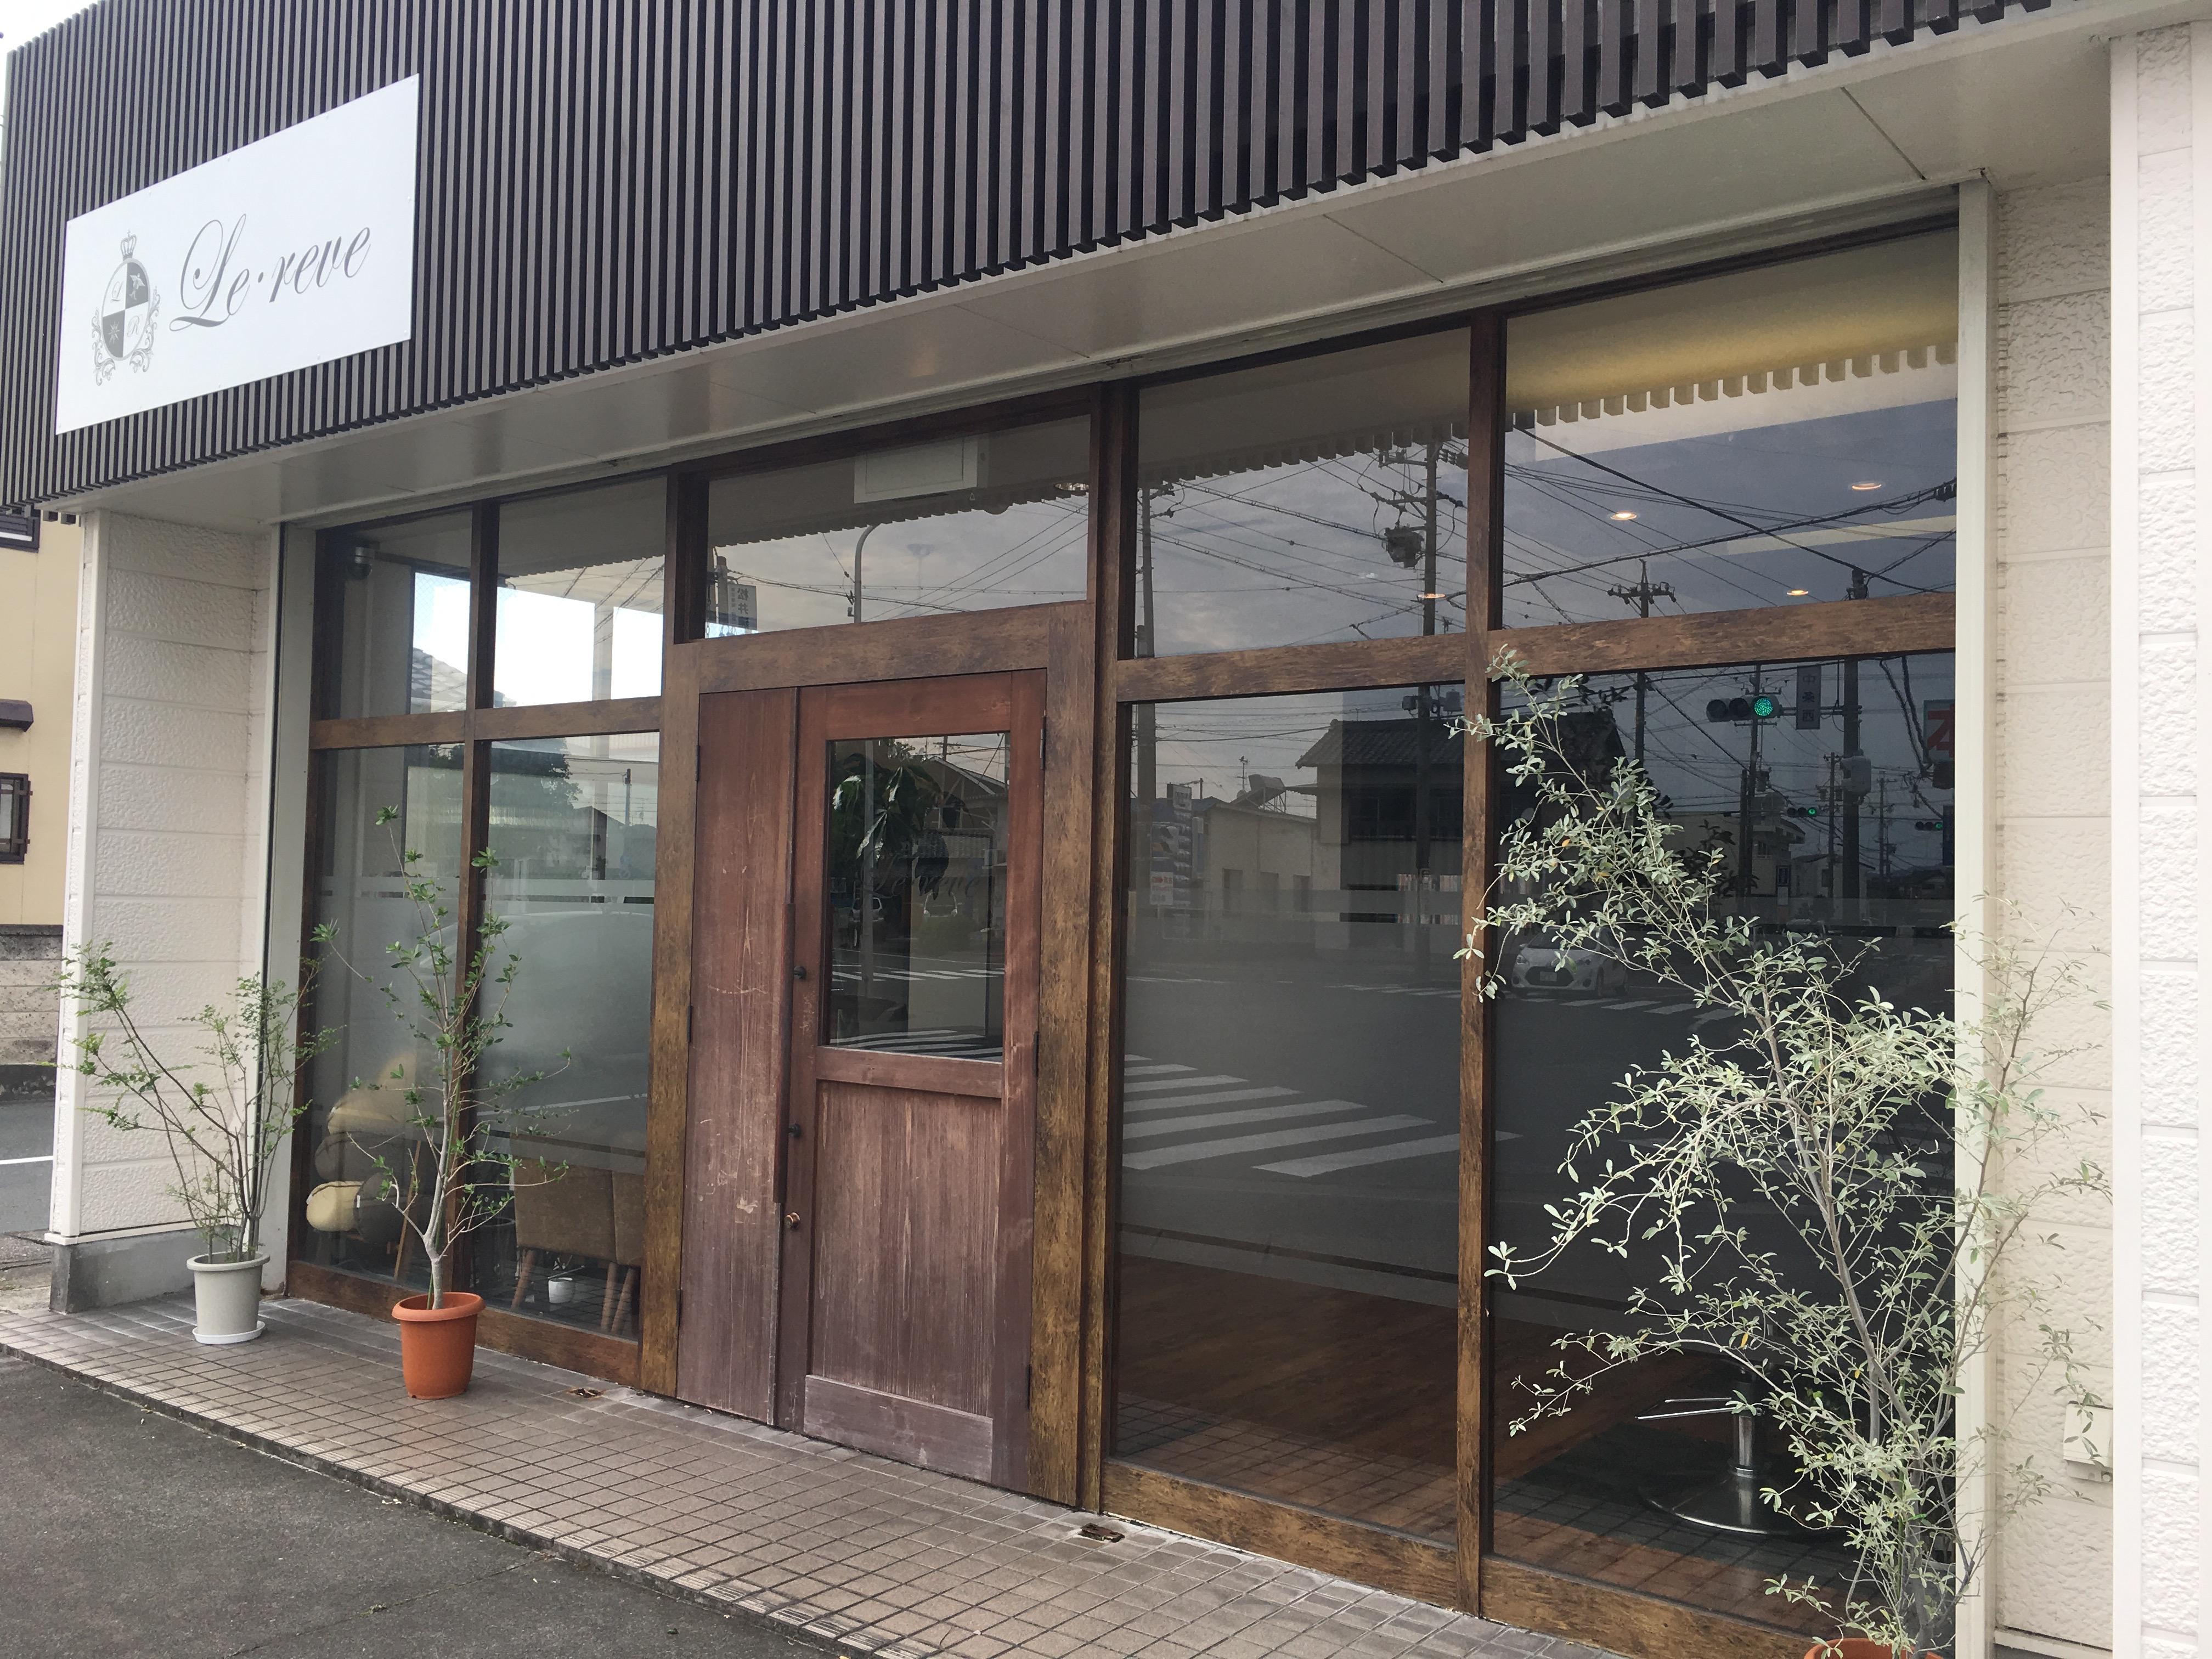 ル・レーブ(Le・reve)浜北店